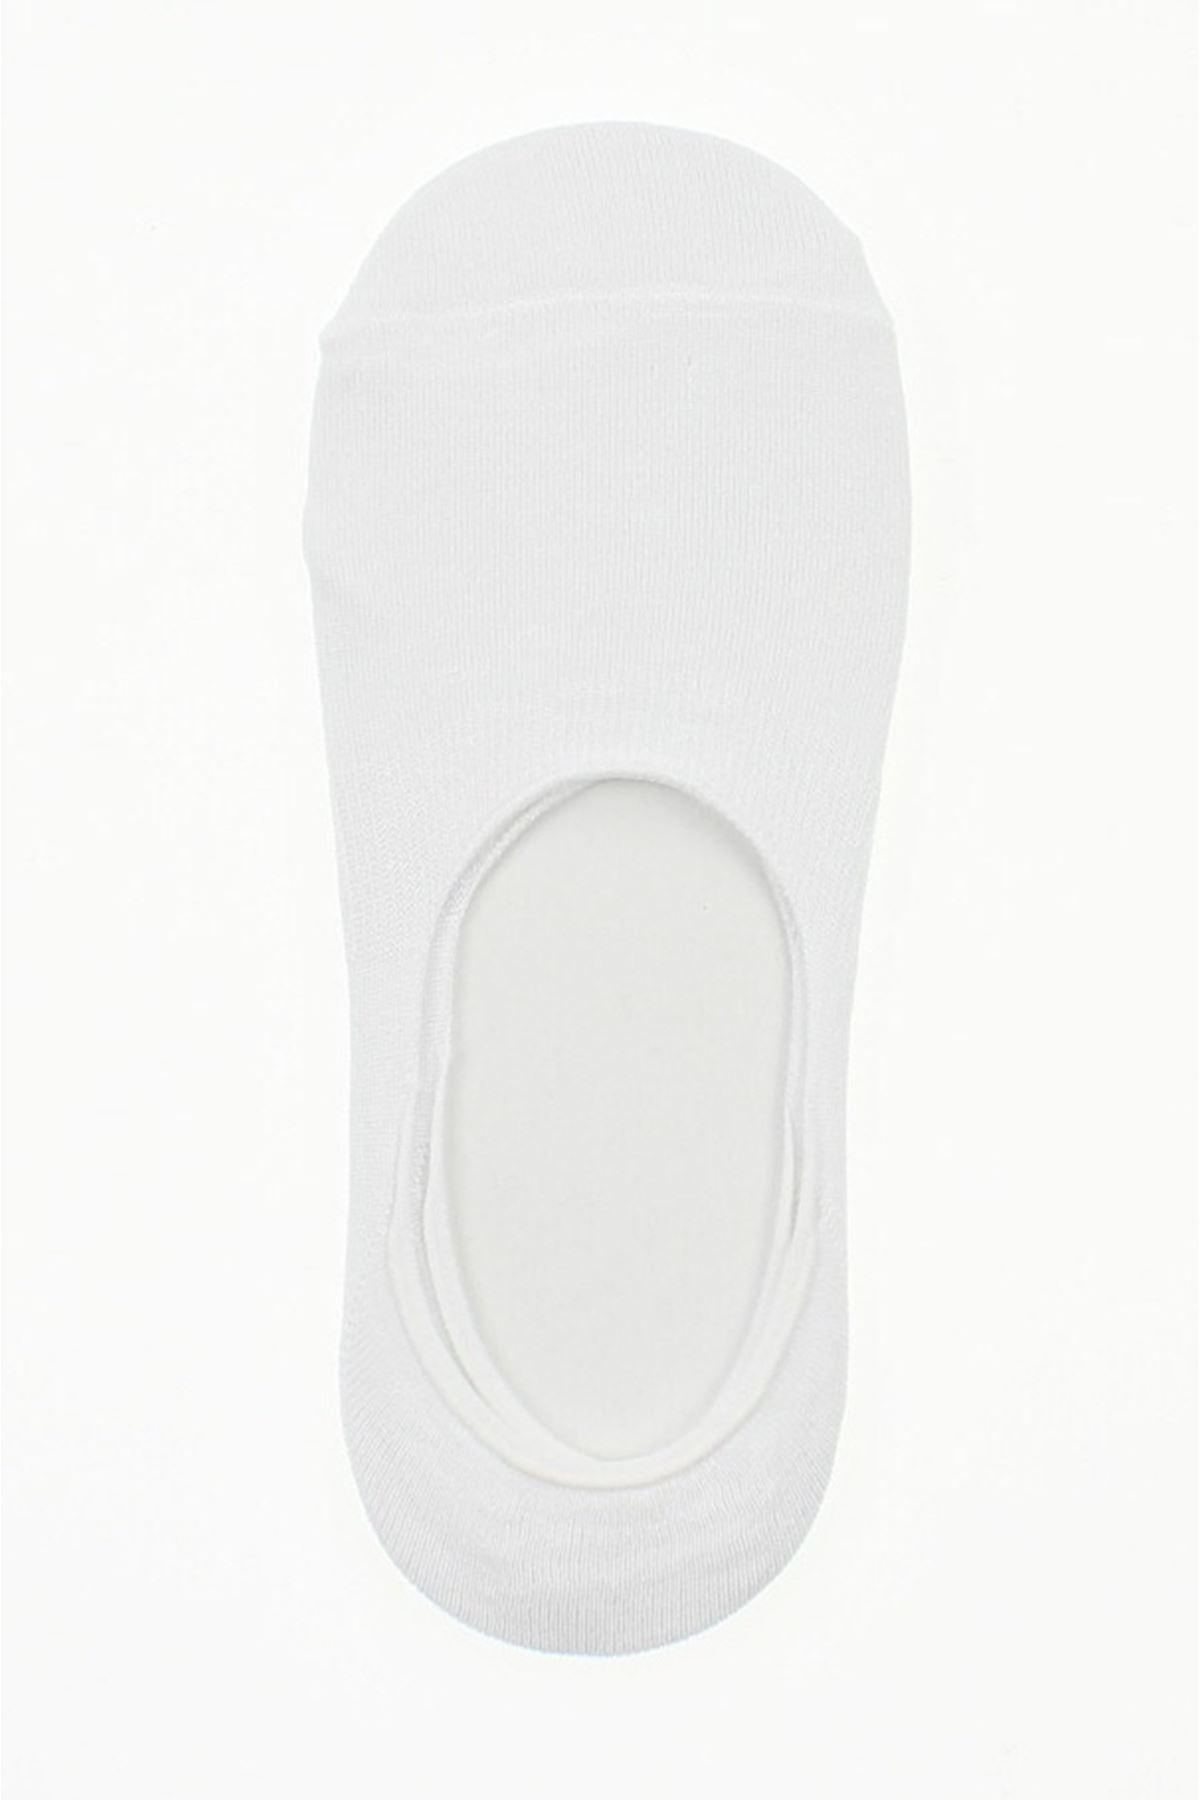 Bt Jawalli Modal Kadın Babet Çorap